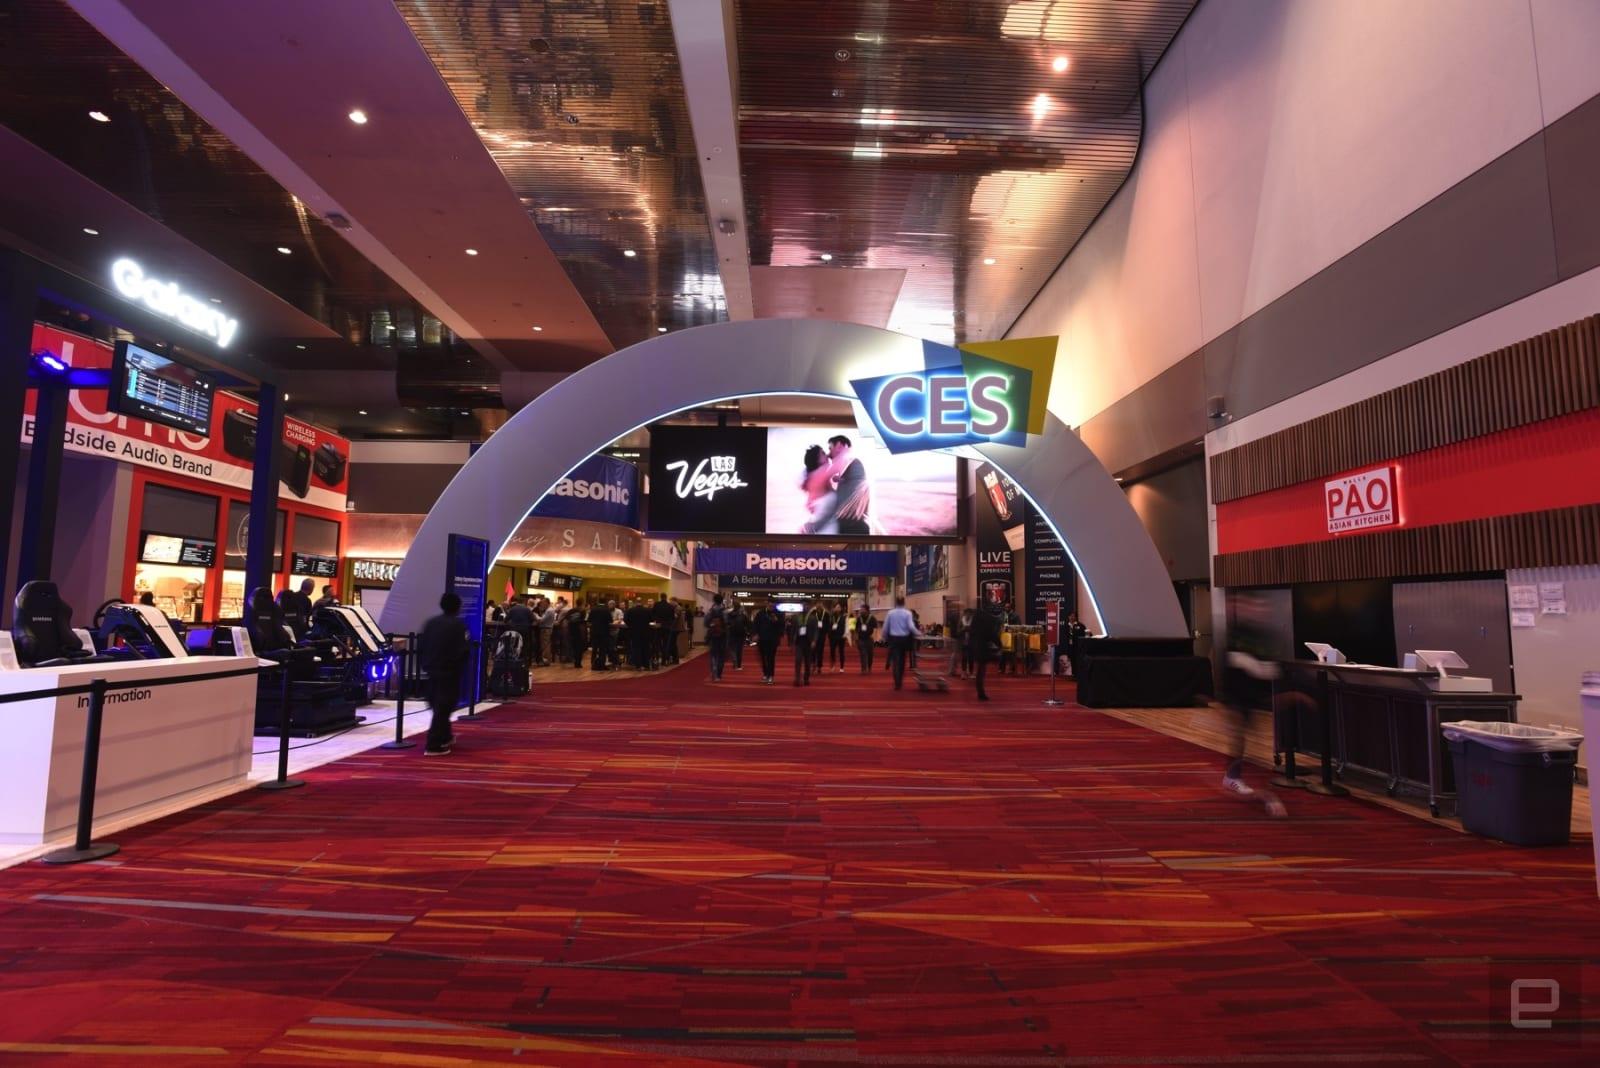 CES Arch